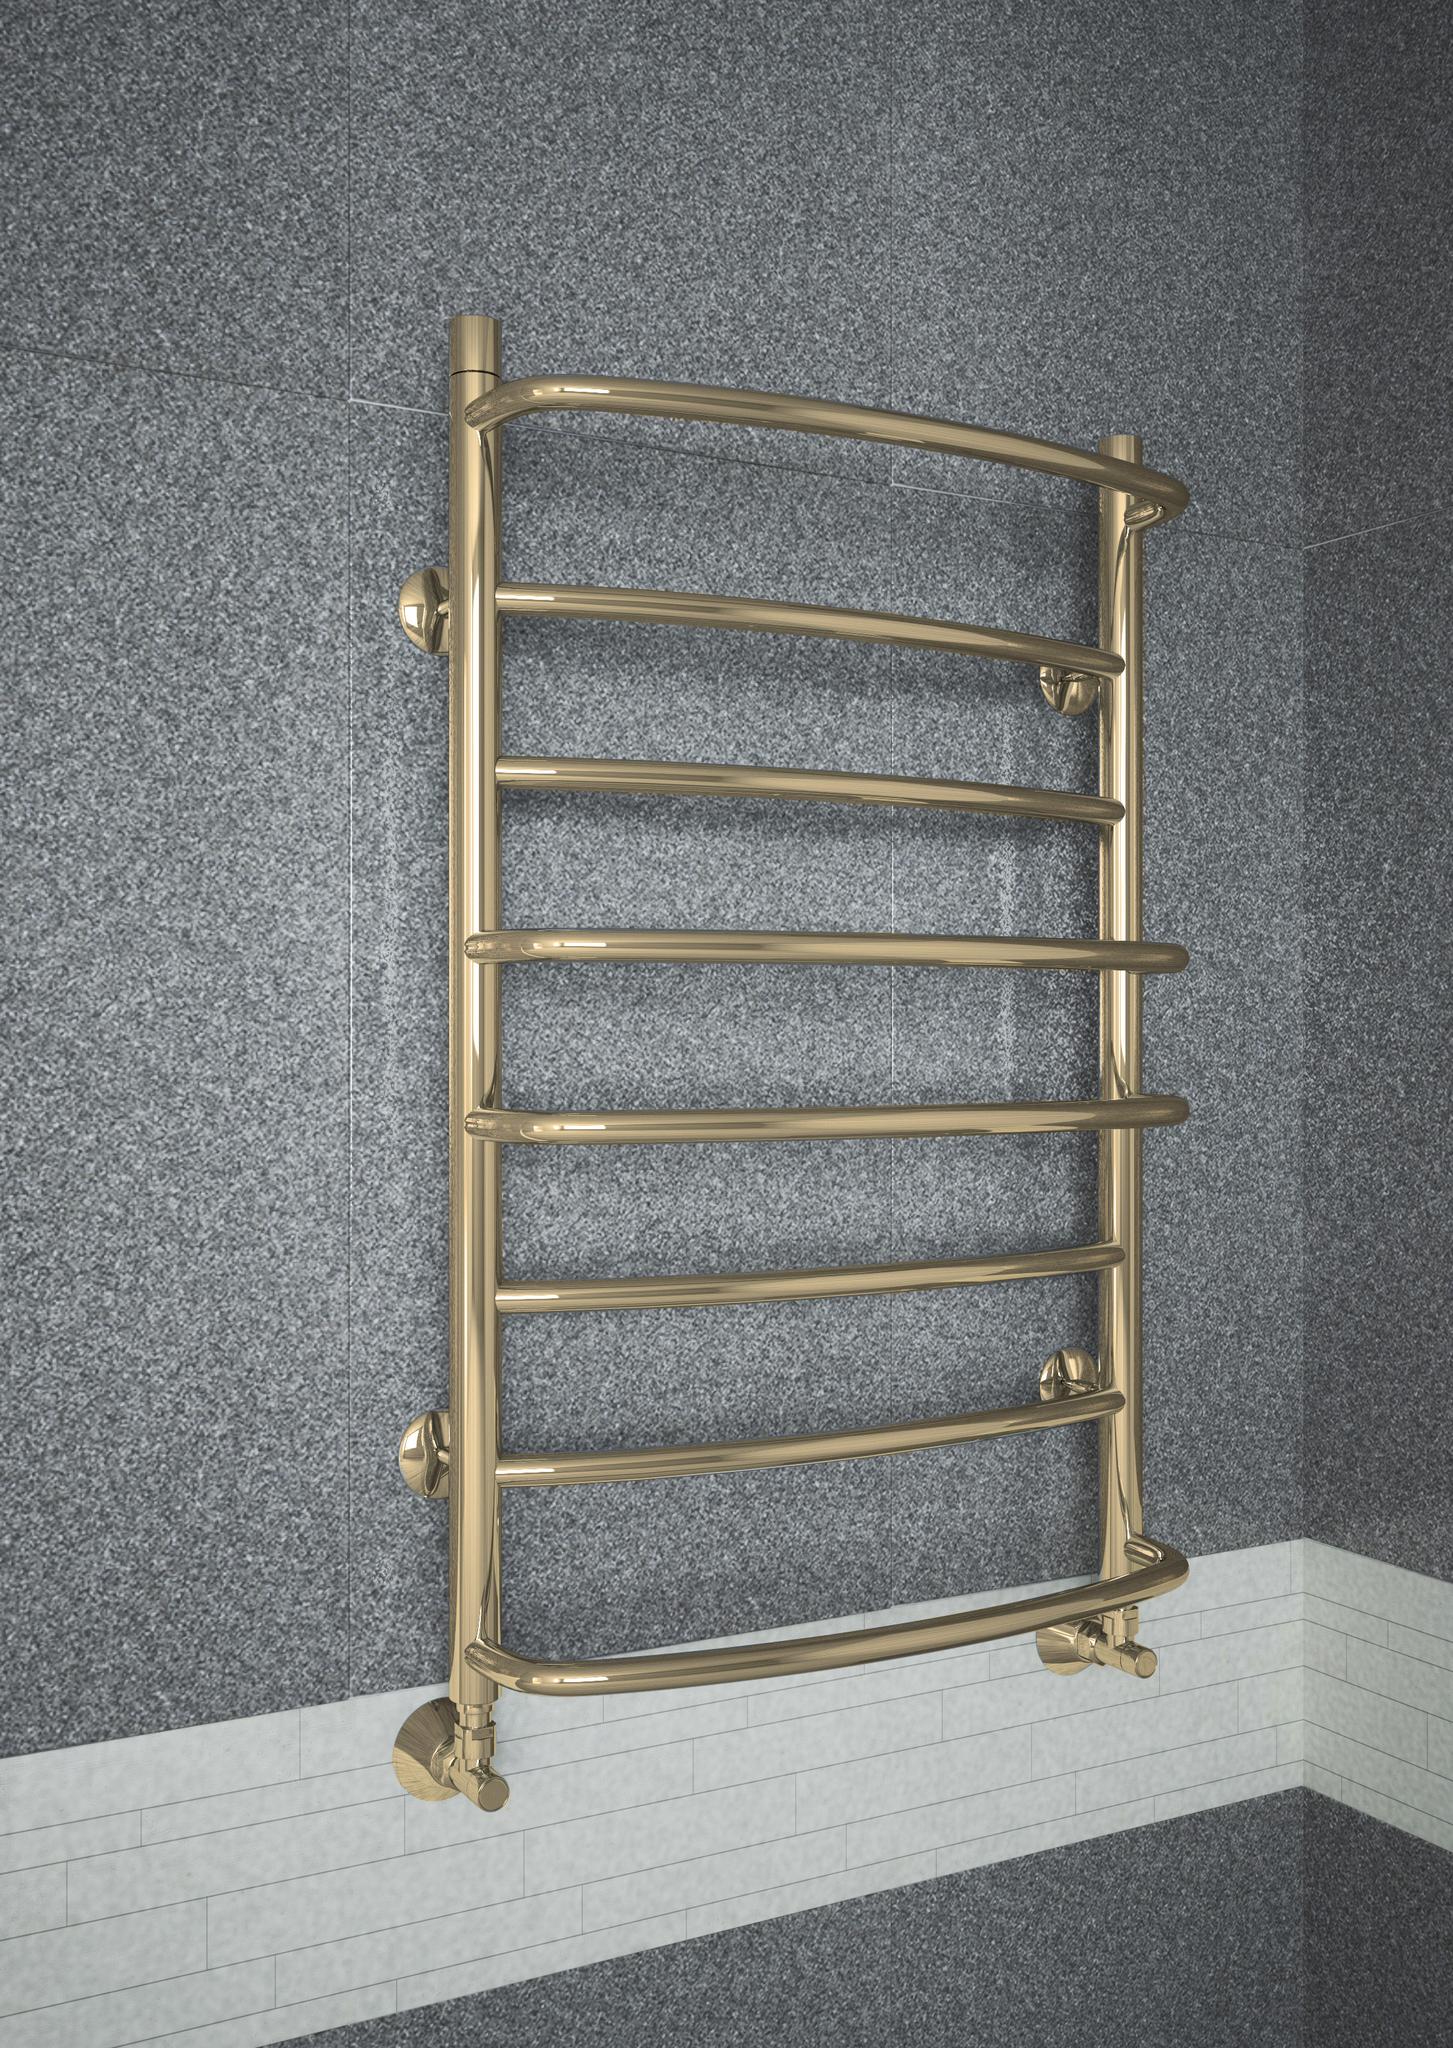 Euromix Bronze - бронзовый полотенцксушитель c c чередующимися прямыми и выпуклыми перекладинами. Бронза.